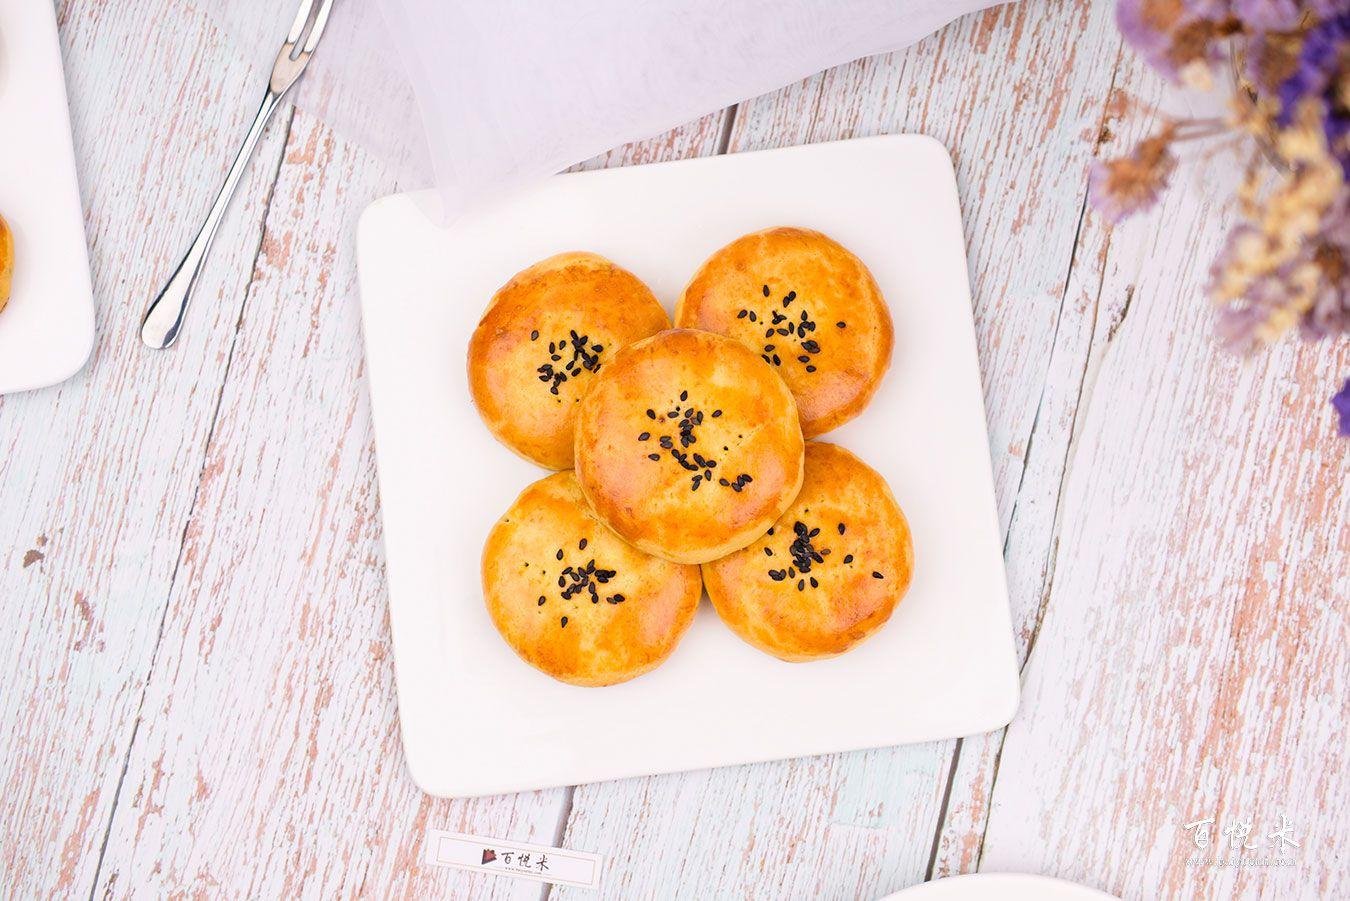 红豆酥高清图片大全【蛋糕图片】_596